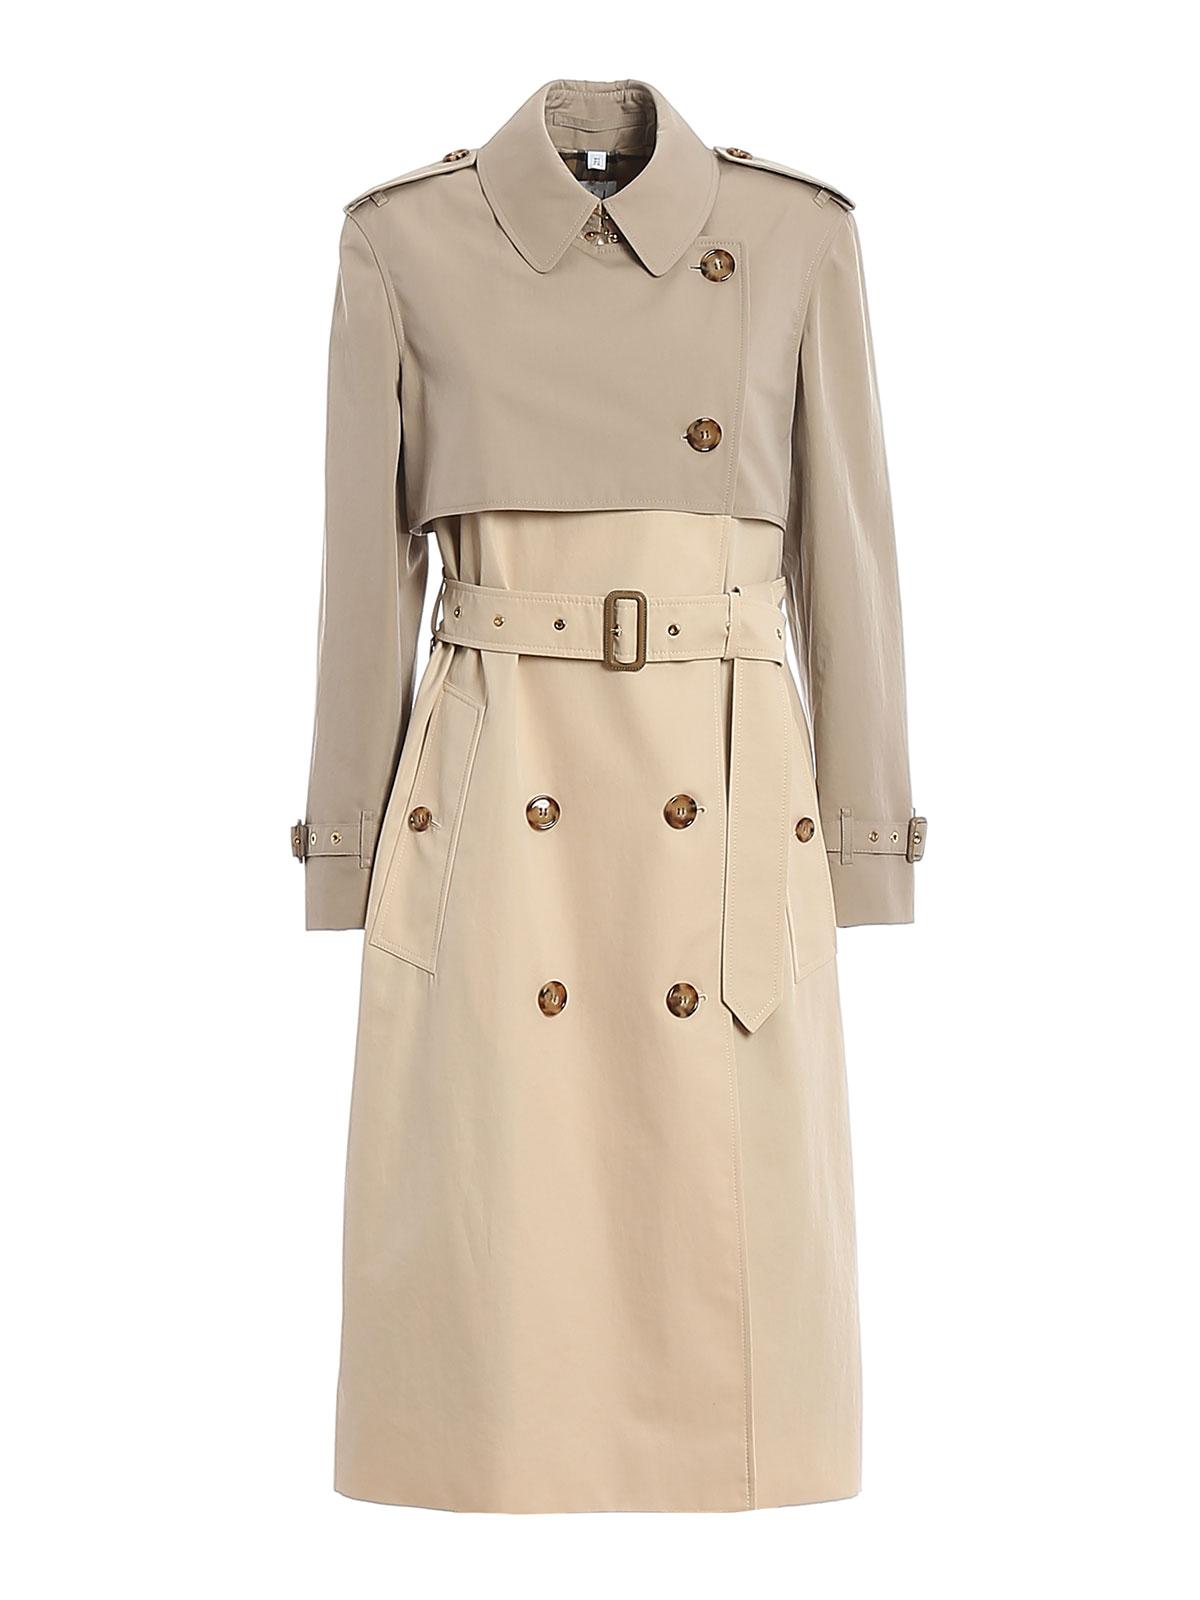 Burberry Cotton Gabardine Long Trench Coat In Light Sand (beige)